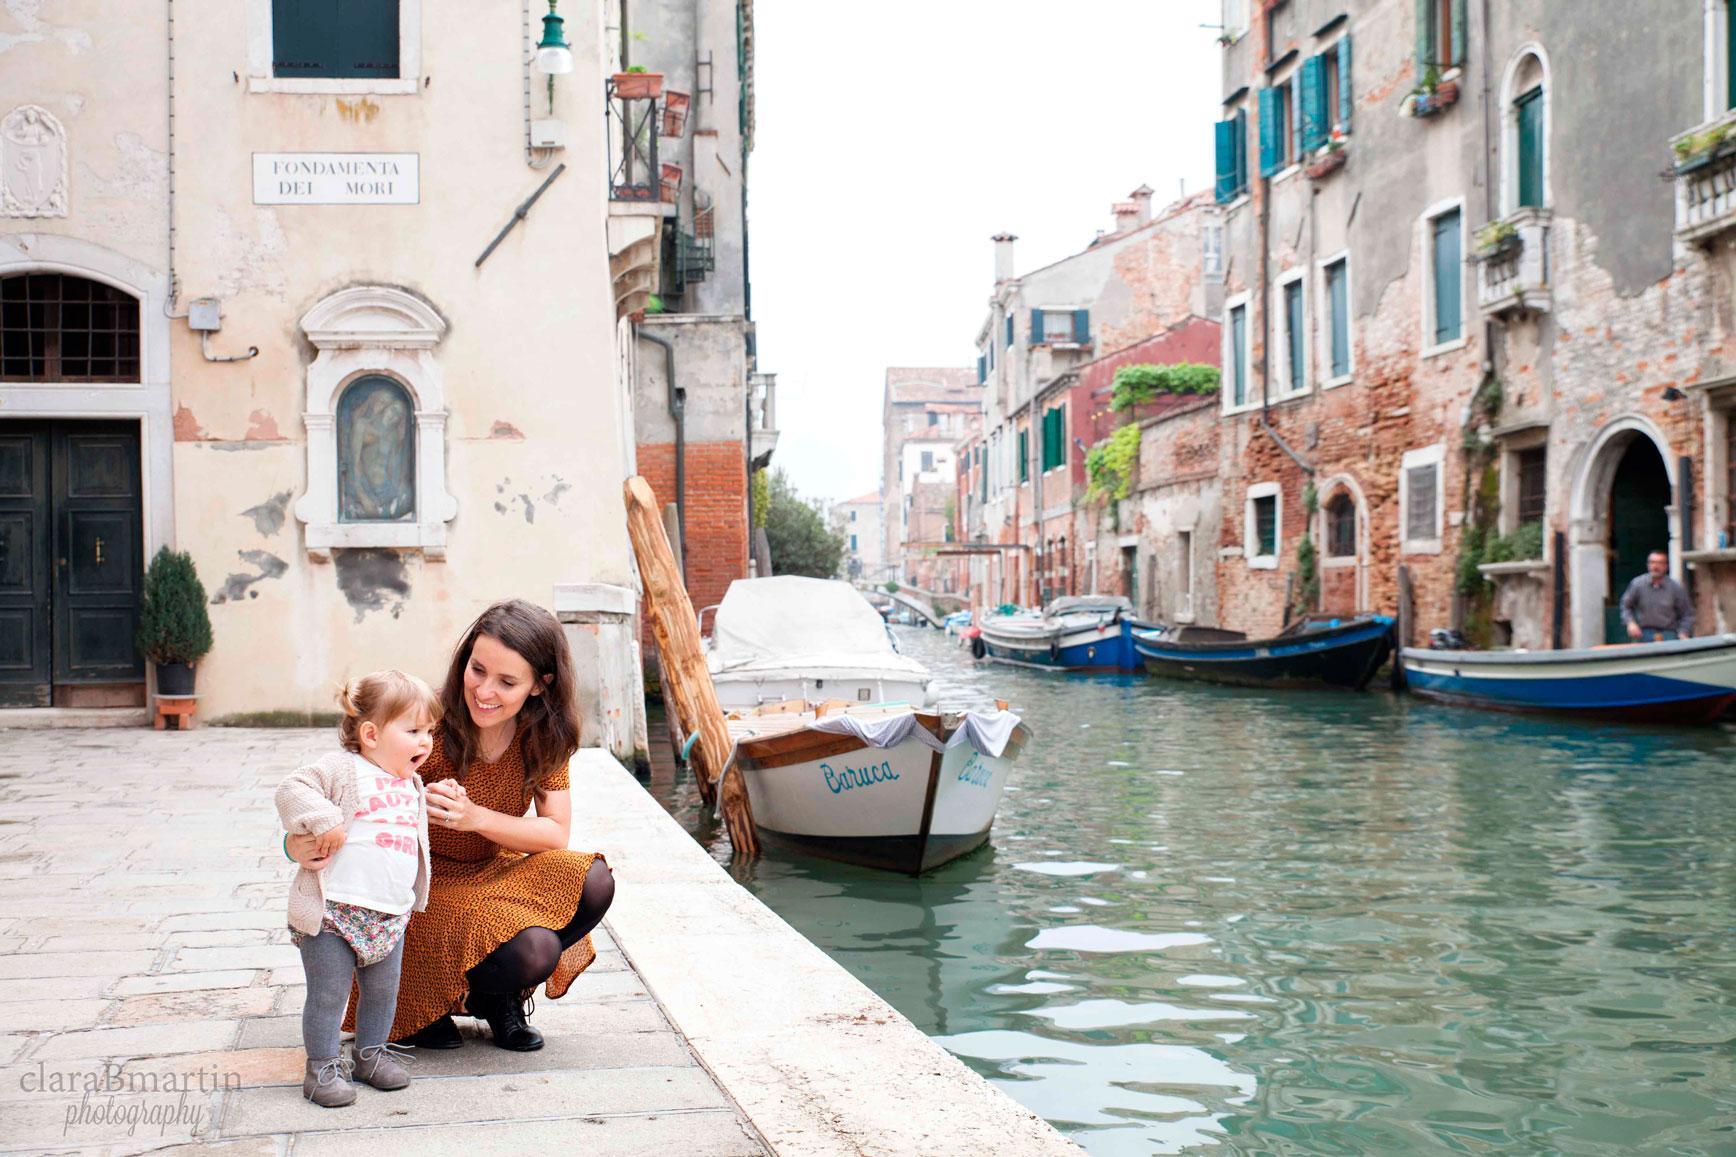 Venecia_claraBmartin_08